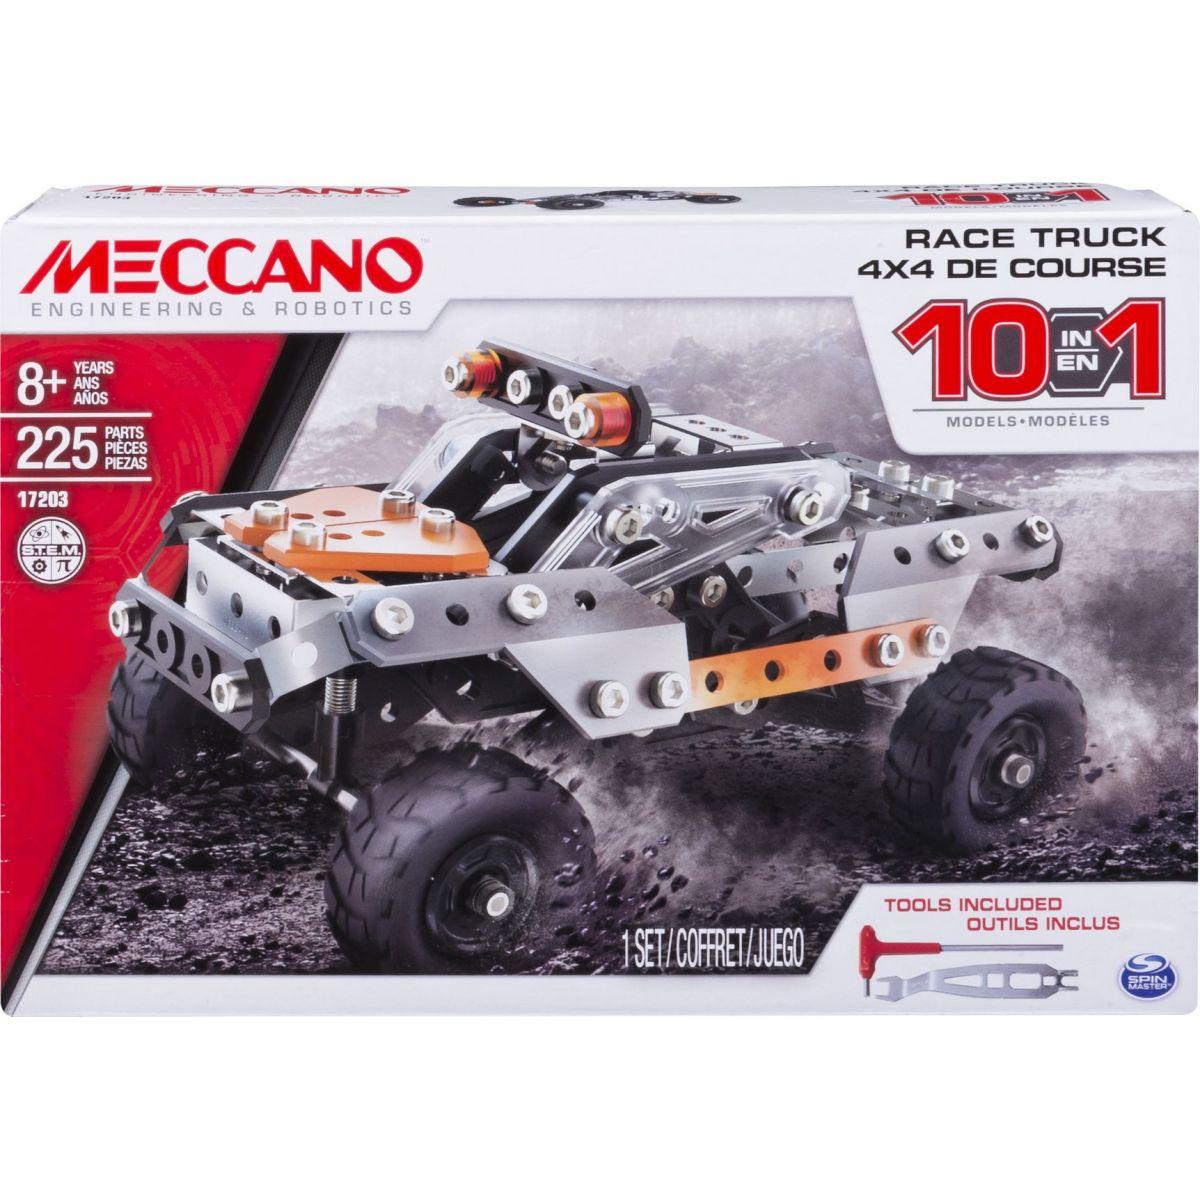 Meccano Model 10v1